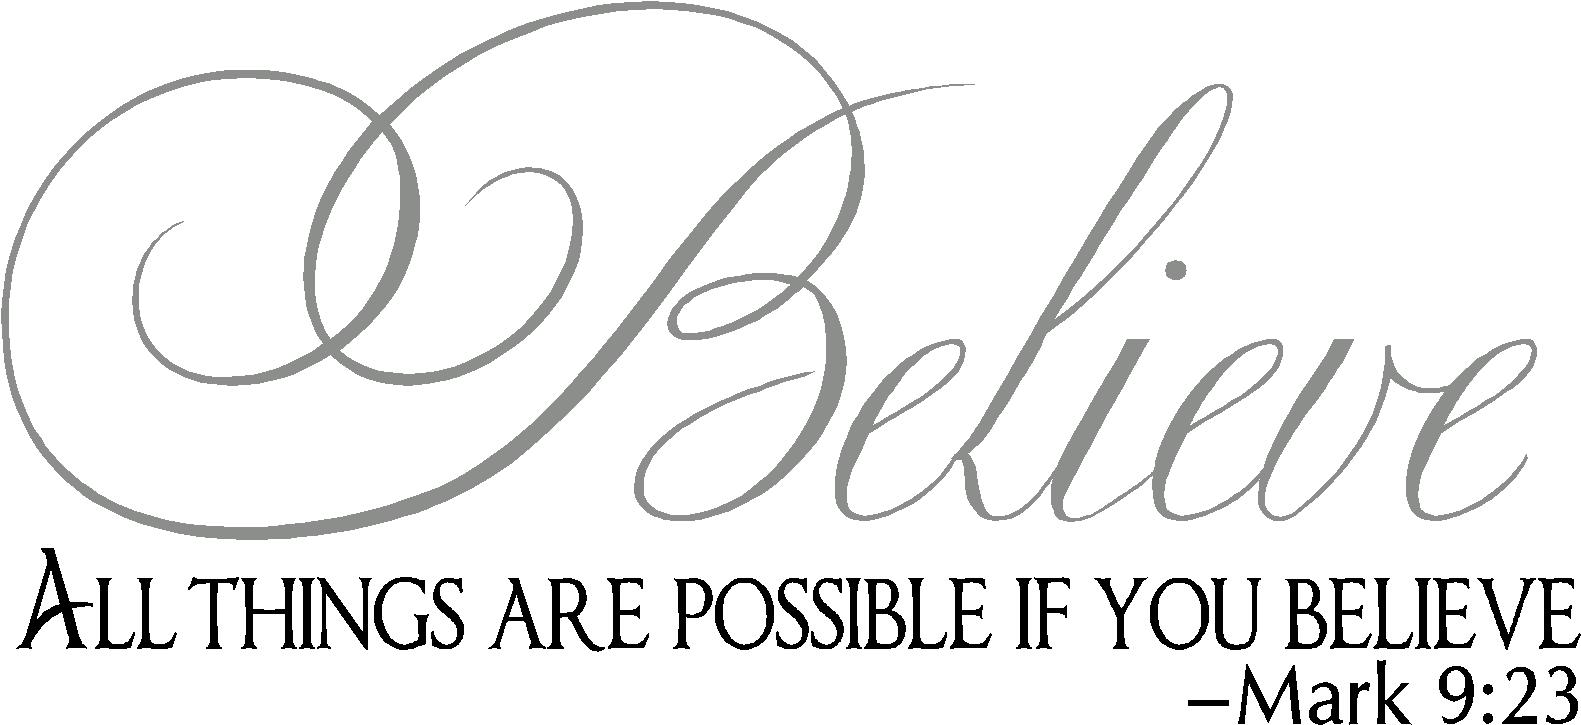 religious-quotes-believe-3